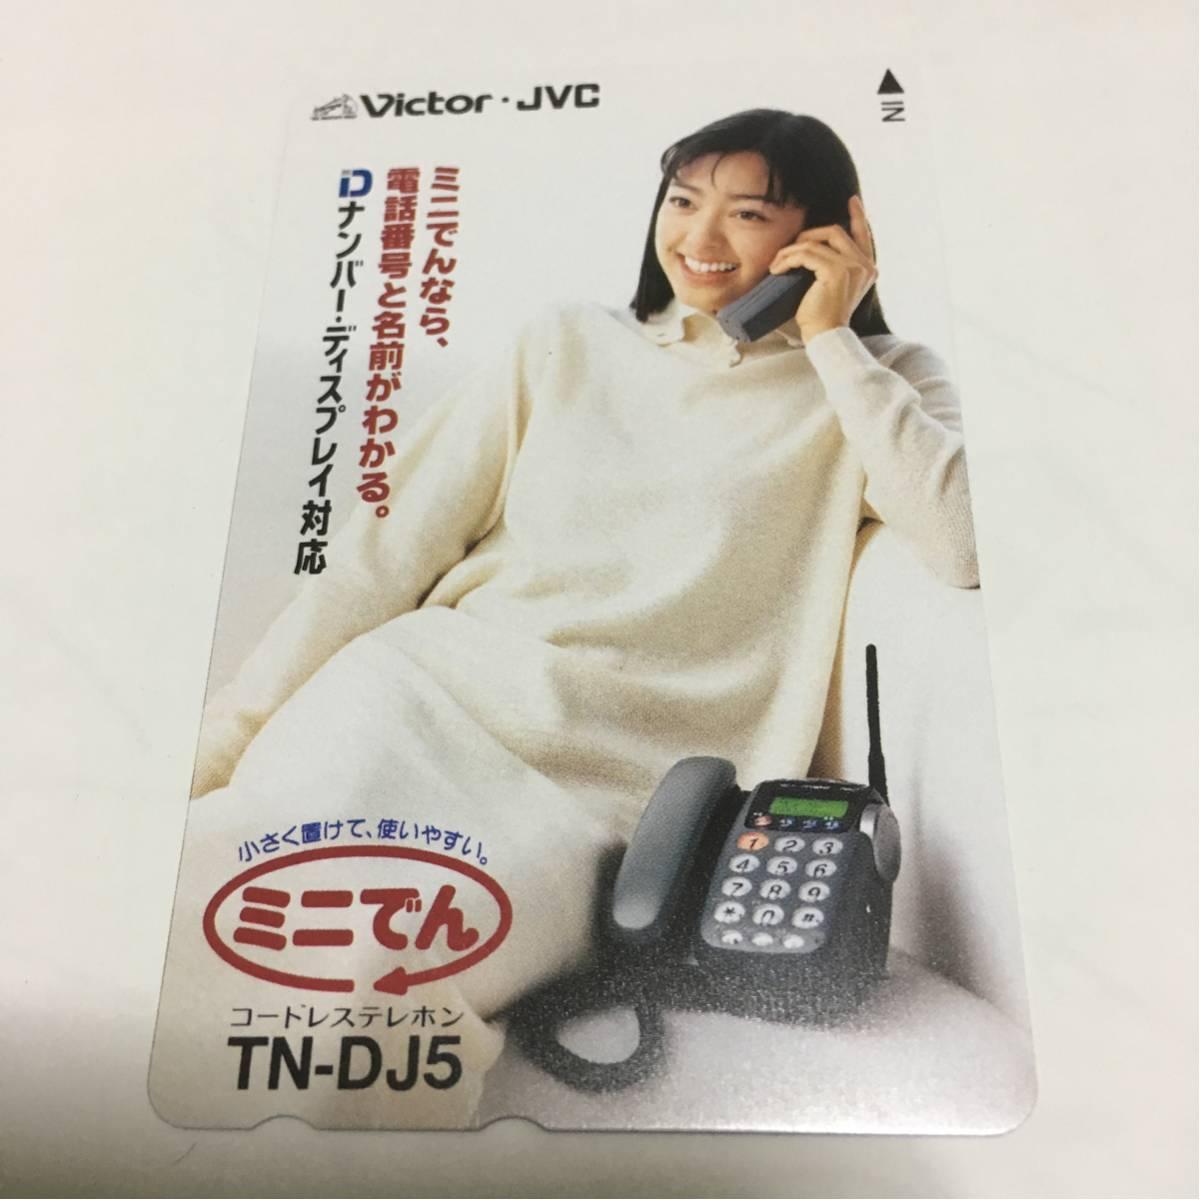 松本恵 Victor.JVC ミニでん 未使用テレカ50度数。